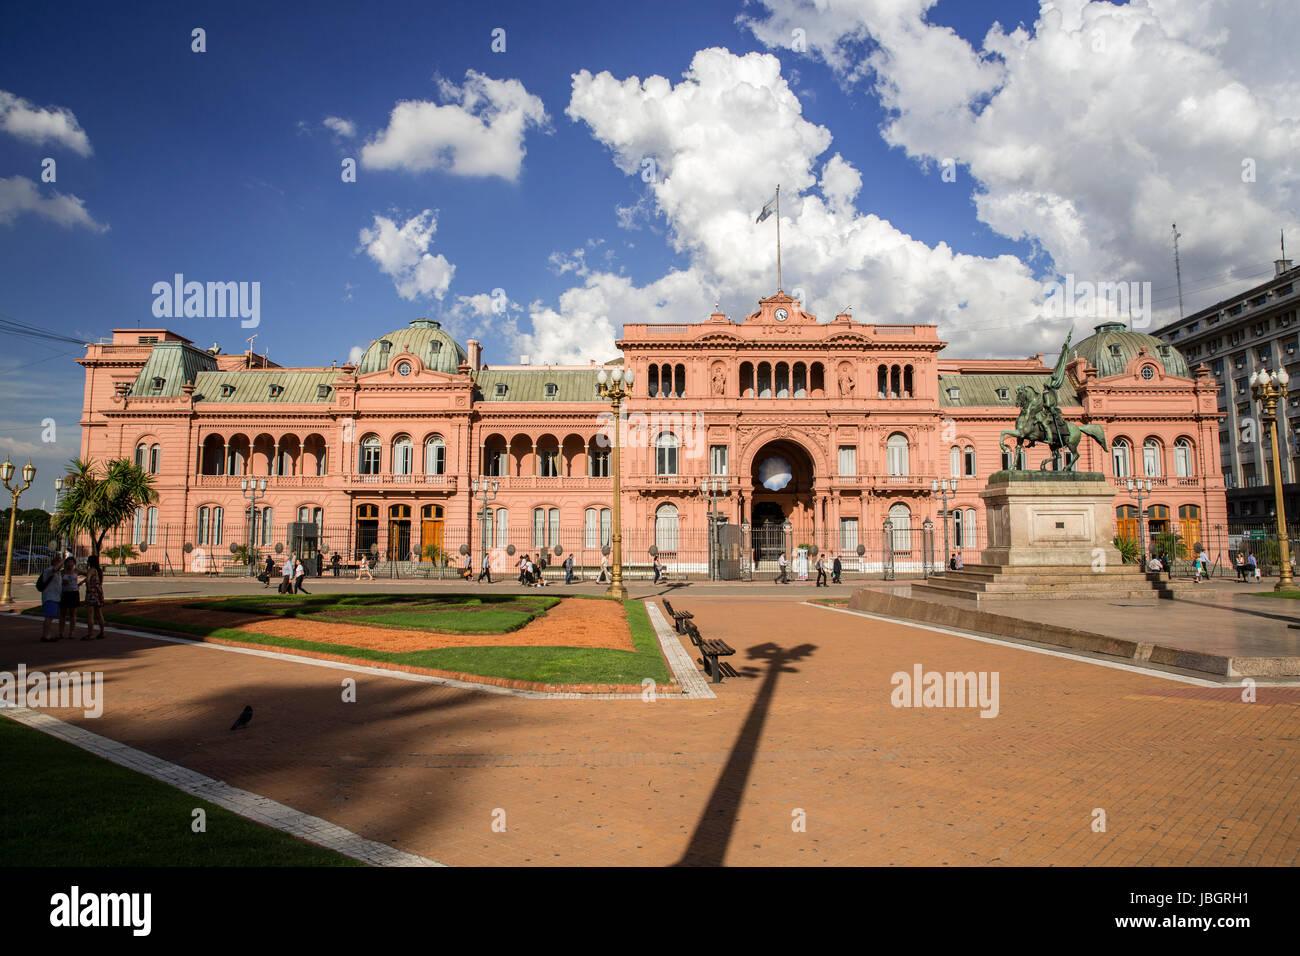 Palazzo Presidental dove Evita Parone diede il suo celebre discorso a Buenos Aires, Argentina Immagini Stock